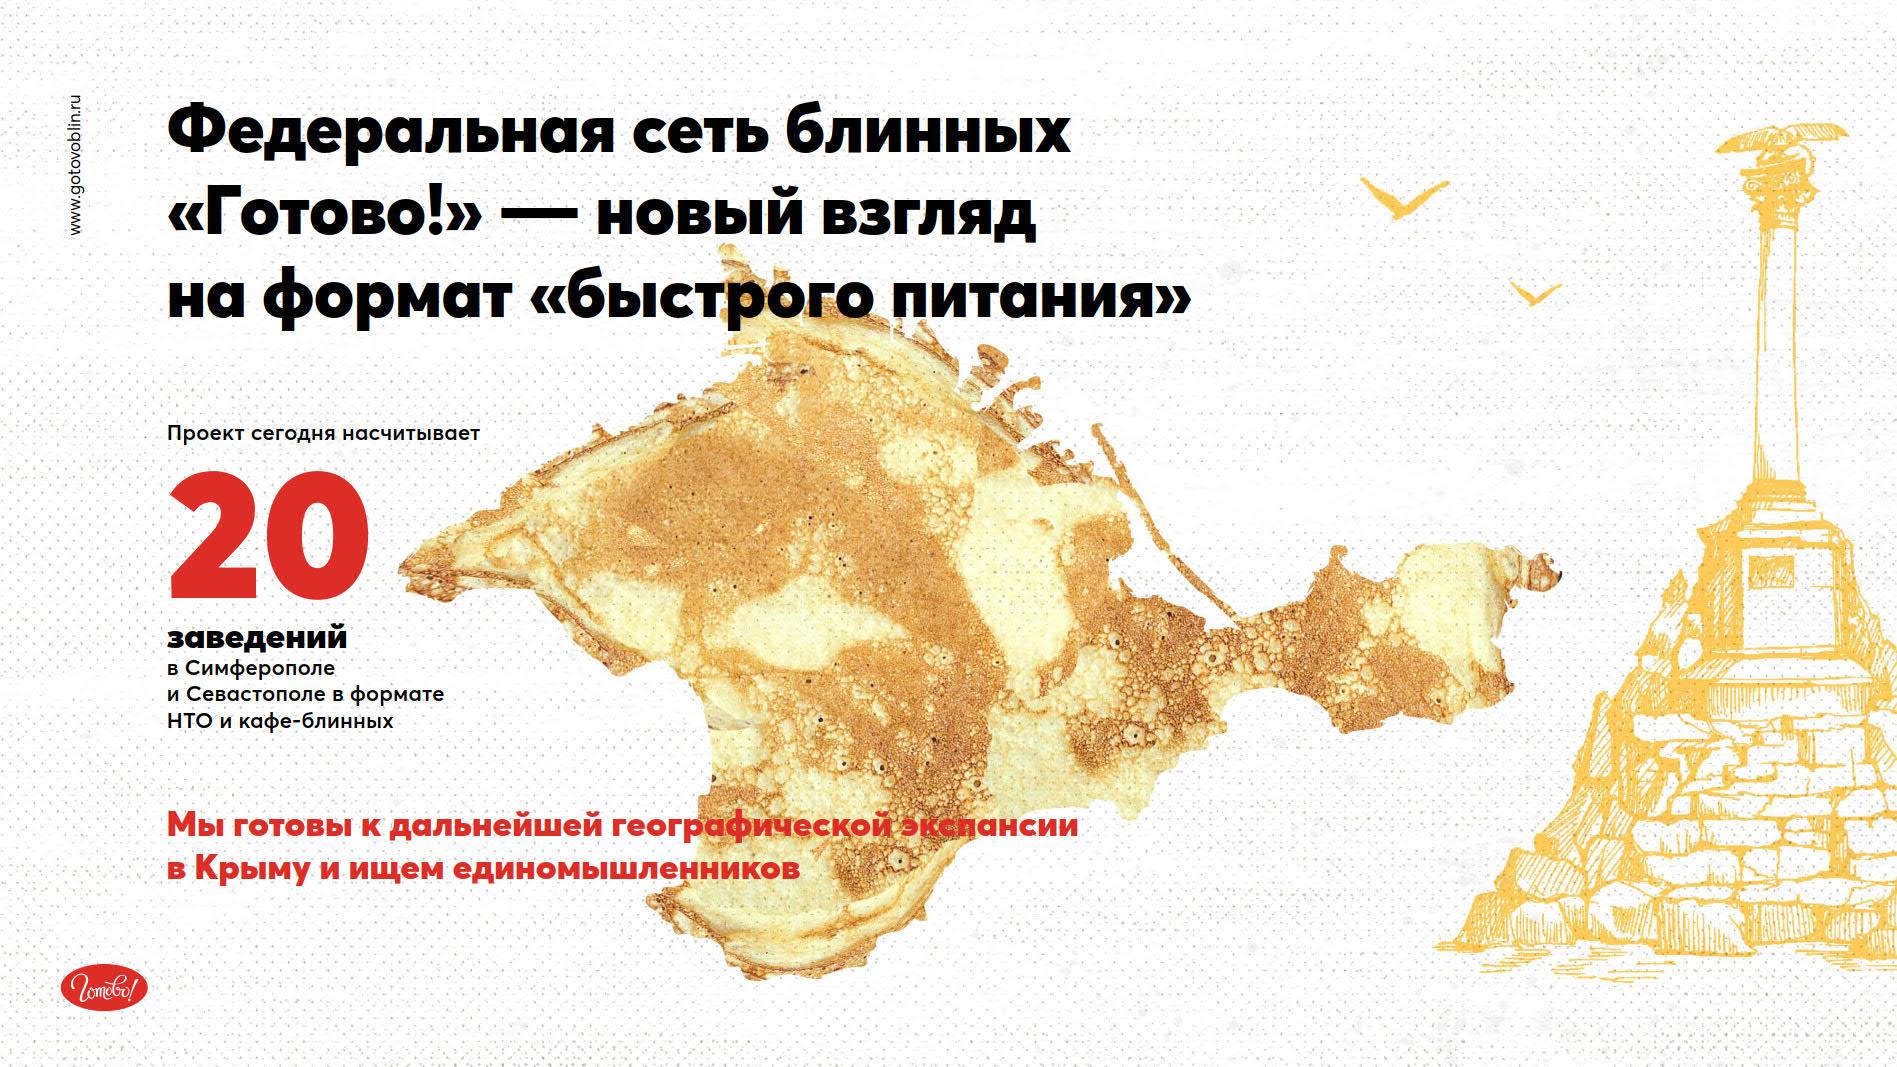 Презентация для франчайзи сети блинных «Готово!»